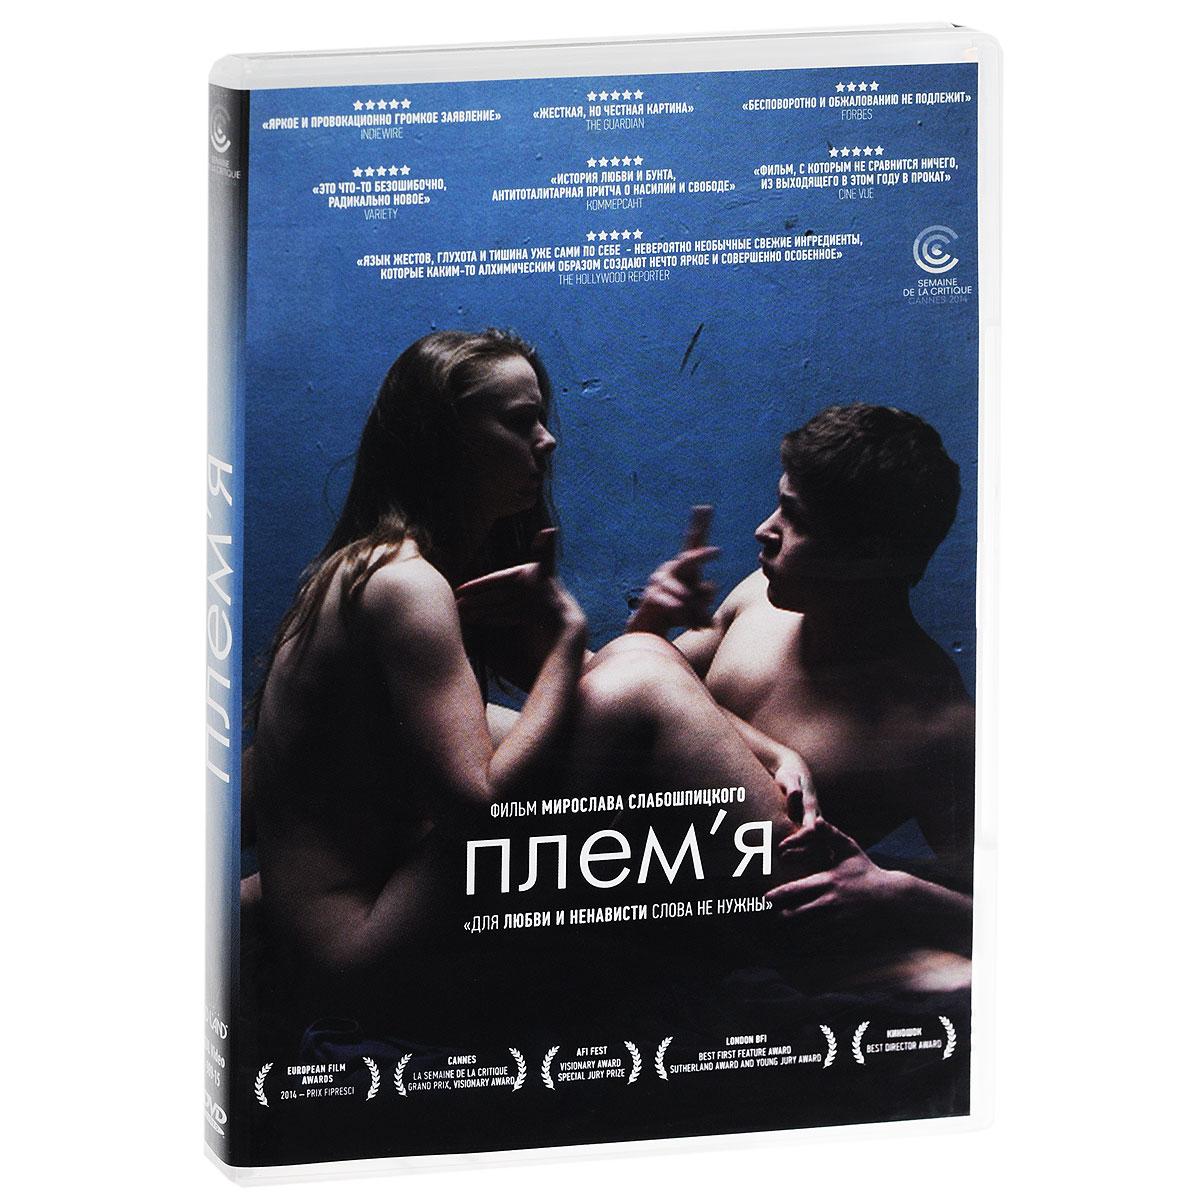 Главный герой фильма, Сергей, попадает в специализированный интернат, где для того, чтобы выжить, ему приходится стать частью неформальной организации - Племени. Влюбившись в одну из наложниц лидера Племени, он вынужден нарушить все неписаные правила и законы банды.